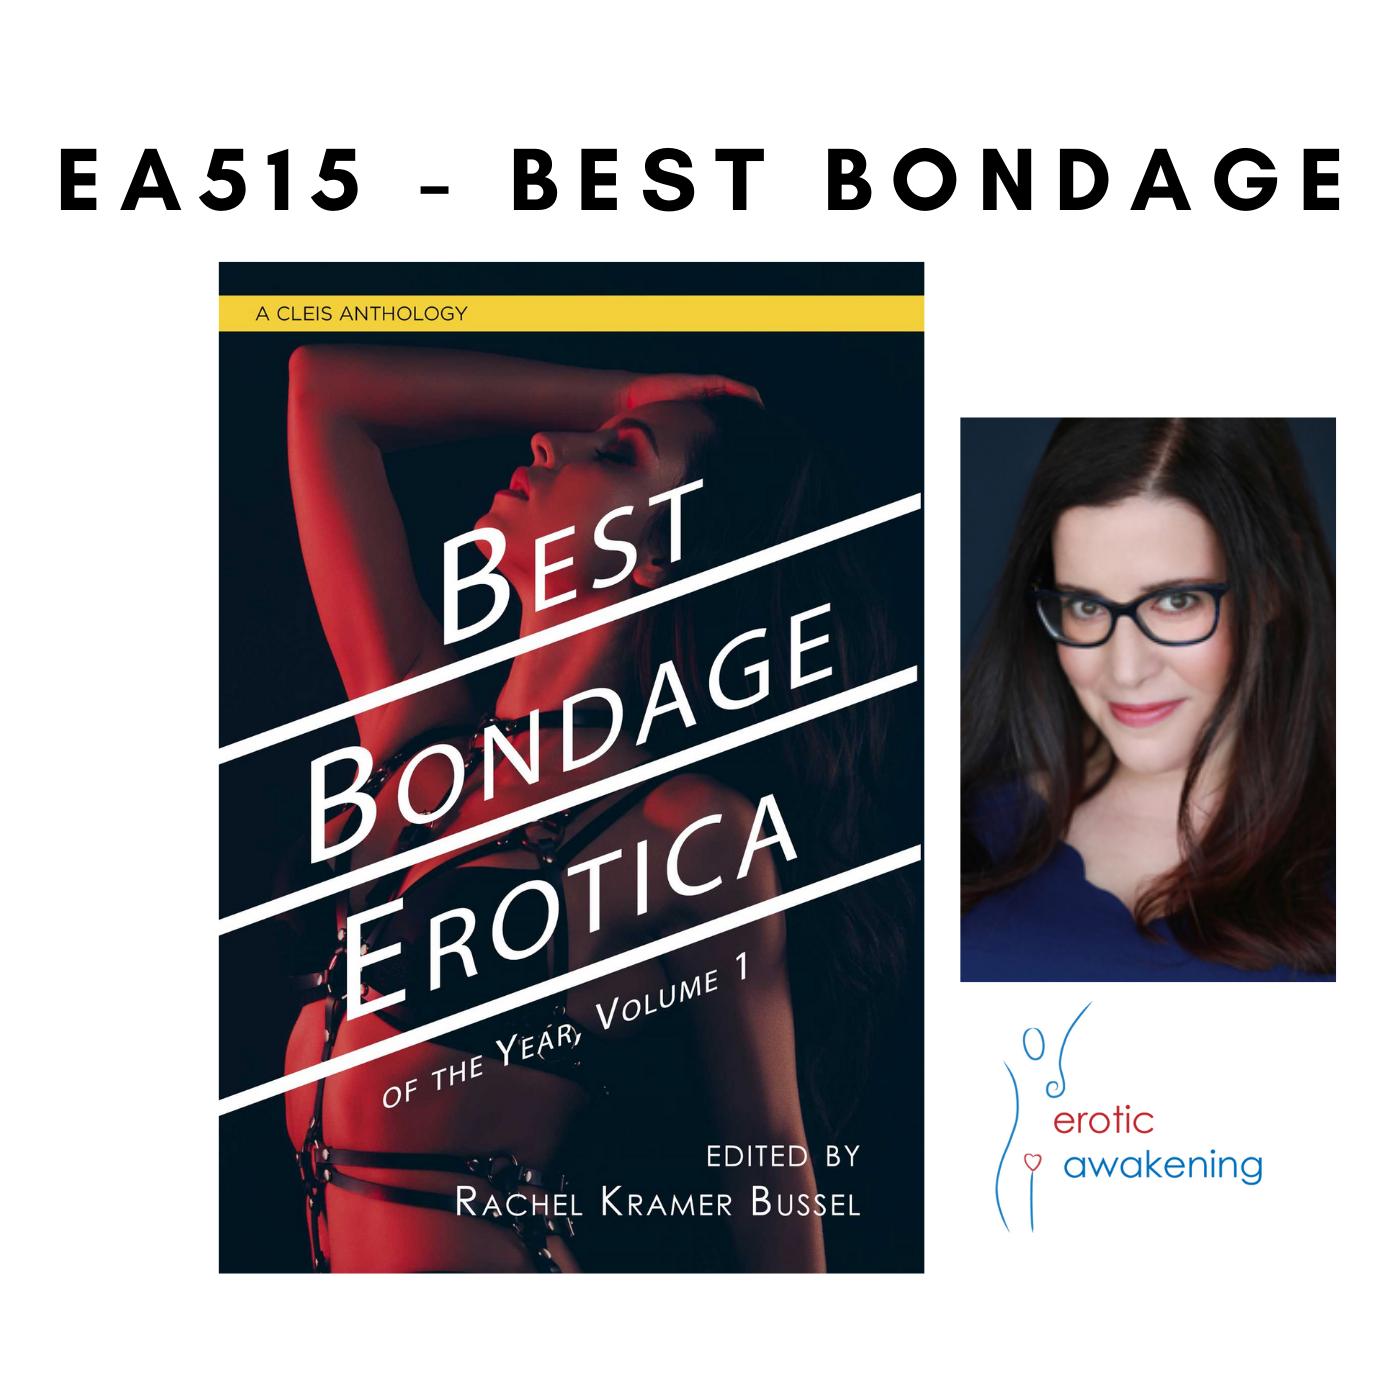 Erotic Awakening Podcast - EA515 - Best Bondage